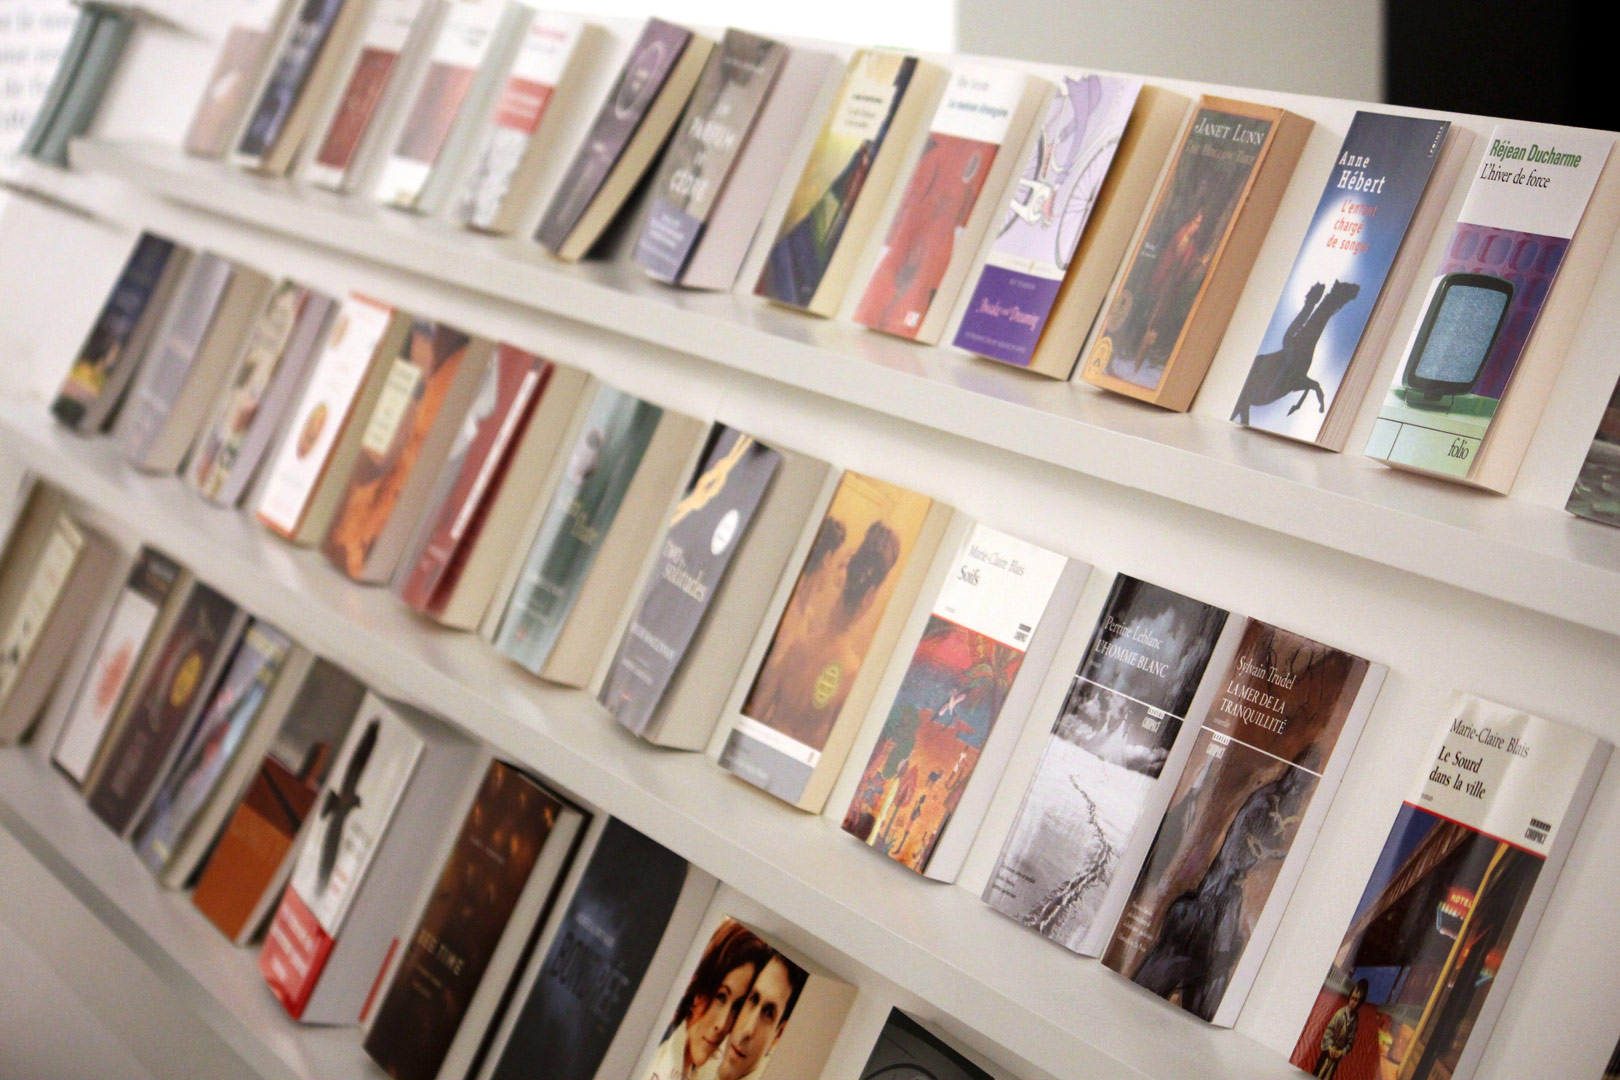 Livres GG recommandés par les gagnants précédents du prix